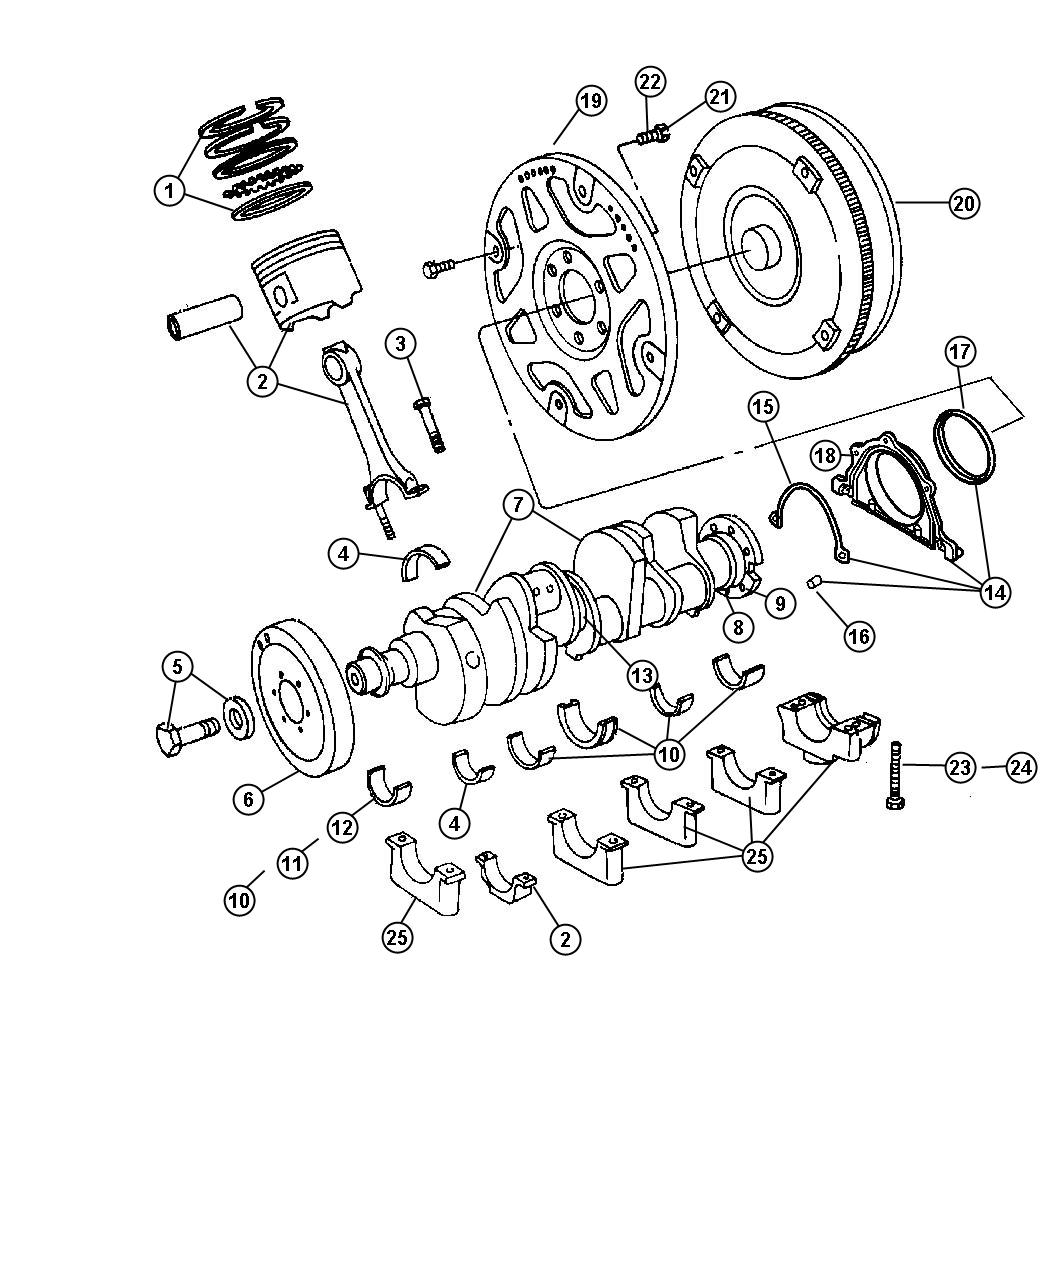 Dodge Durango Bearing kit, bearing package. Connecting rod